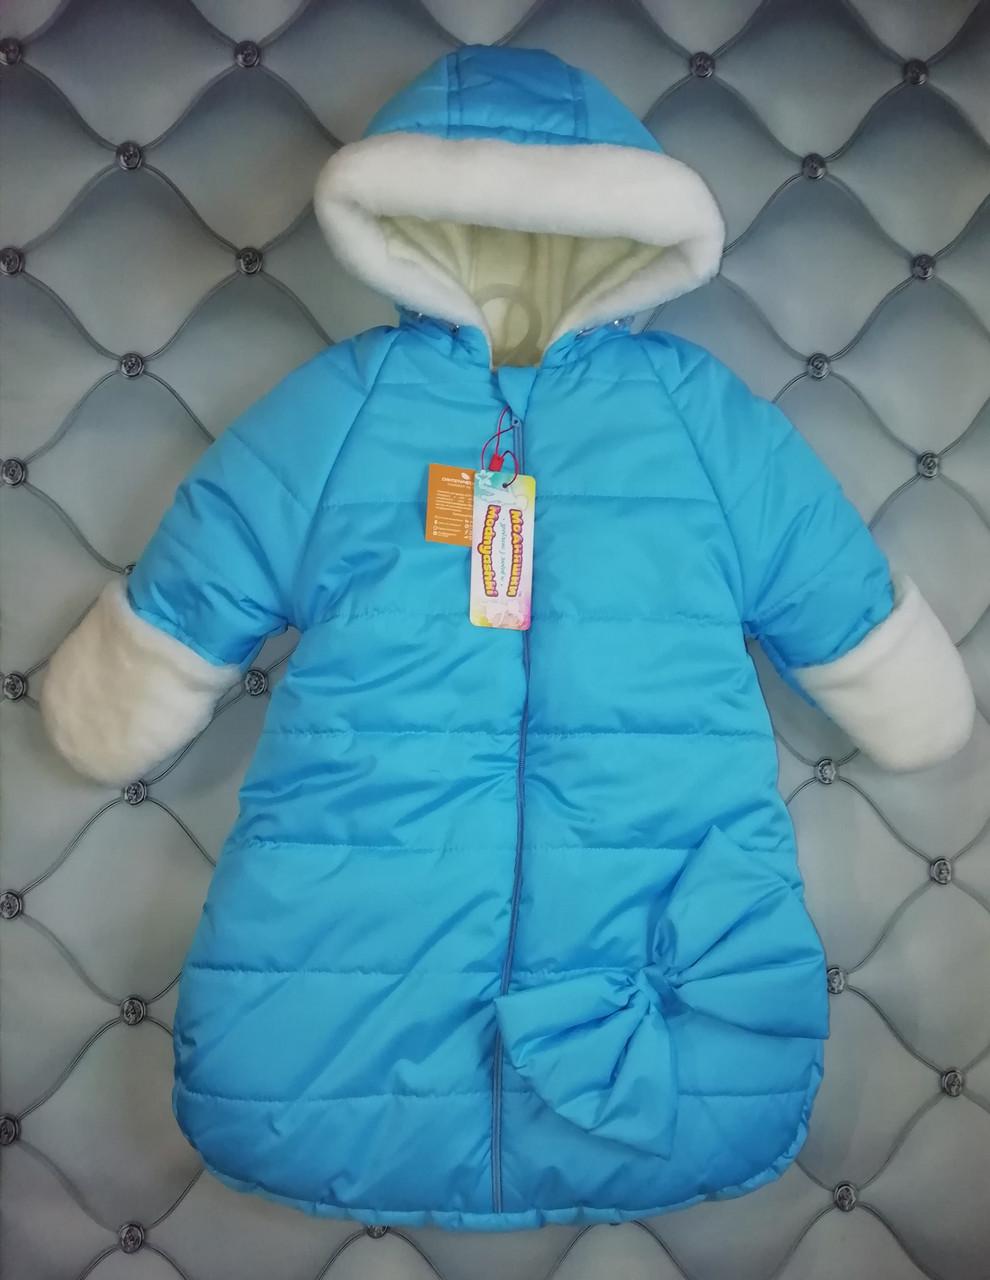 Комбинезон-мешок зимний  для новорожденного мальчика Бантик, р. 0-6 мес. голубой